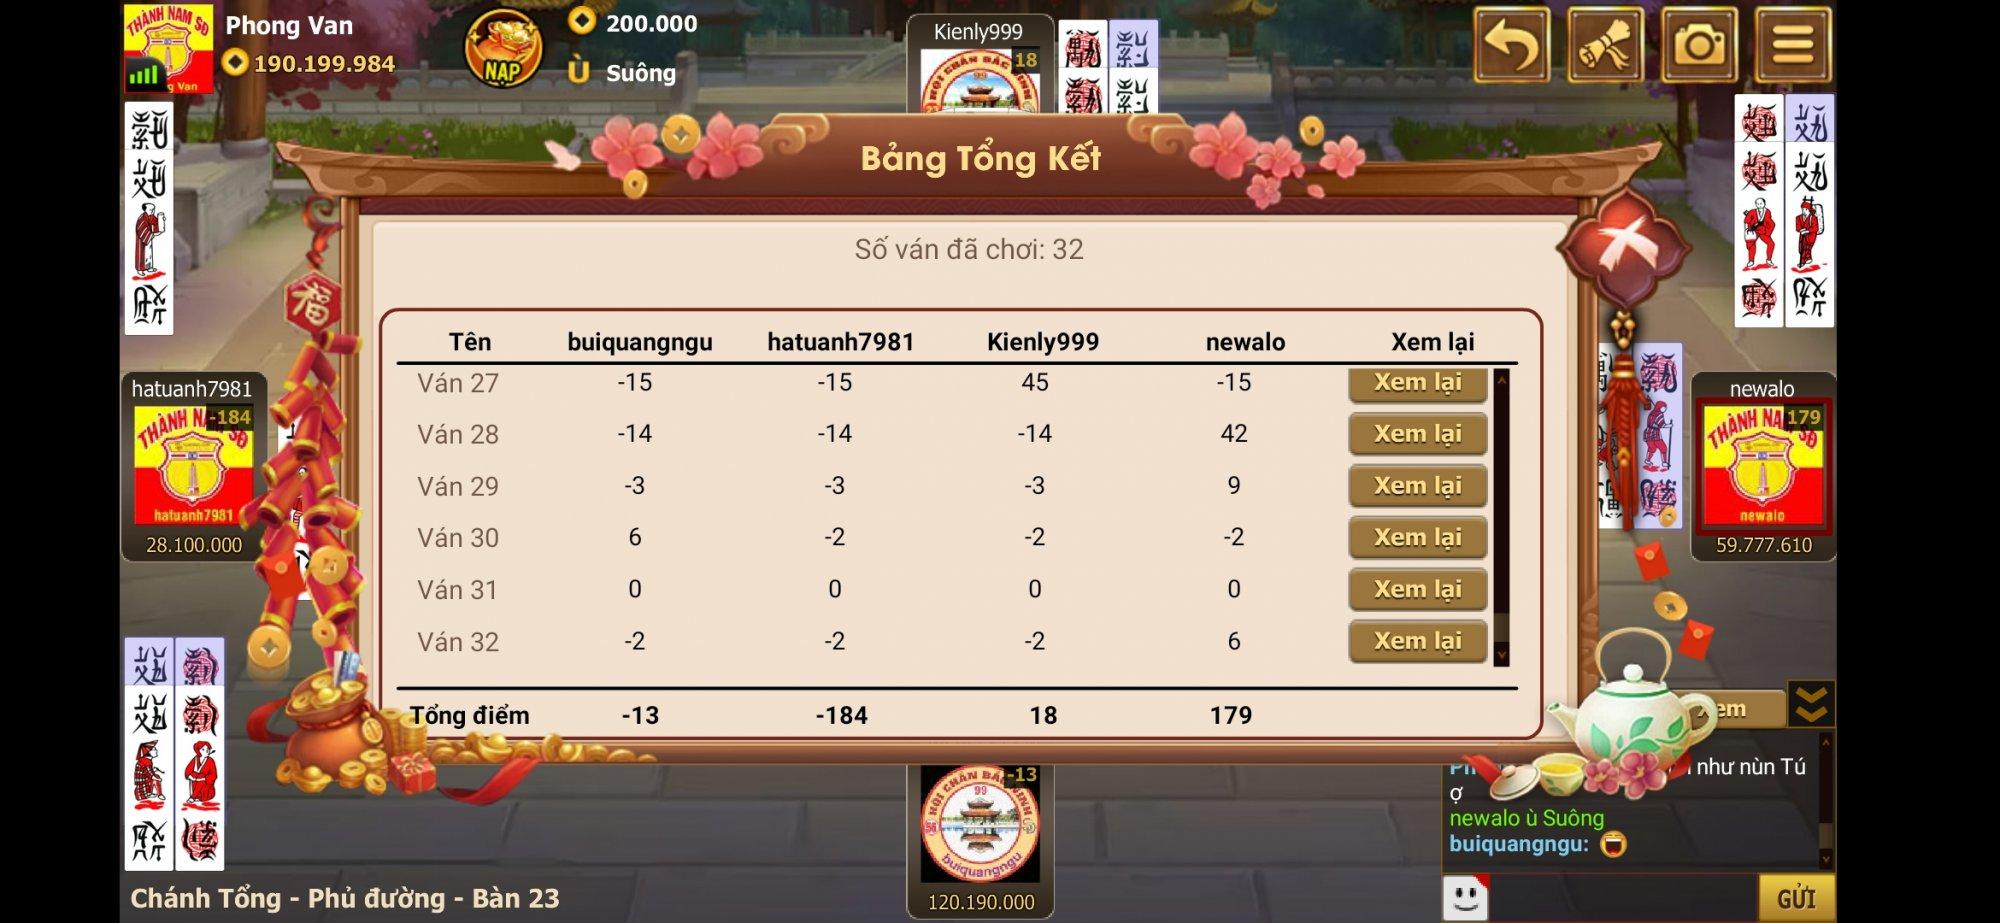 Screenshot_2021-02-28-22-11-13-981_com.vietsao.chandangian.